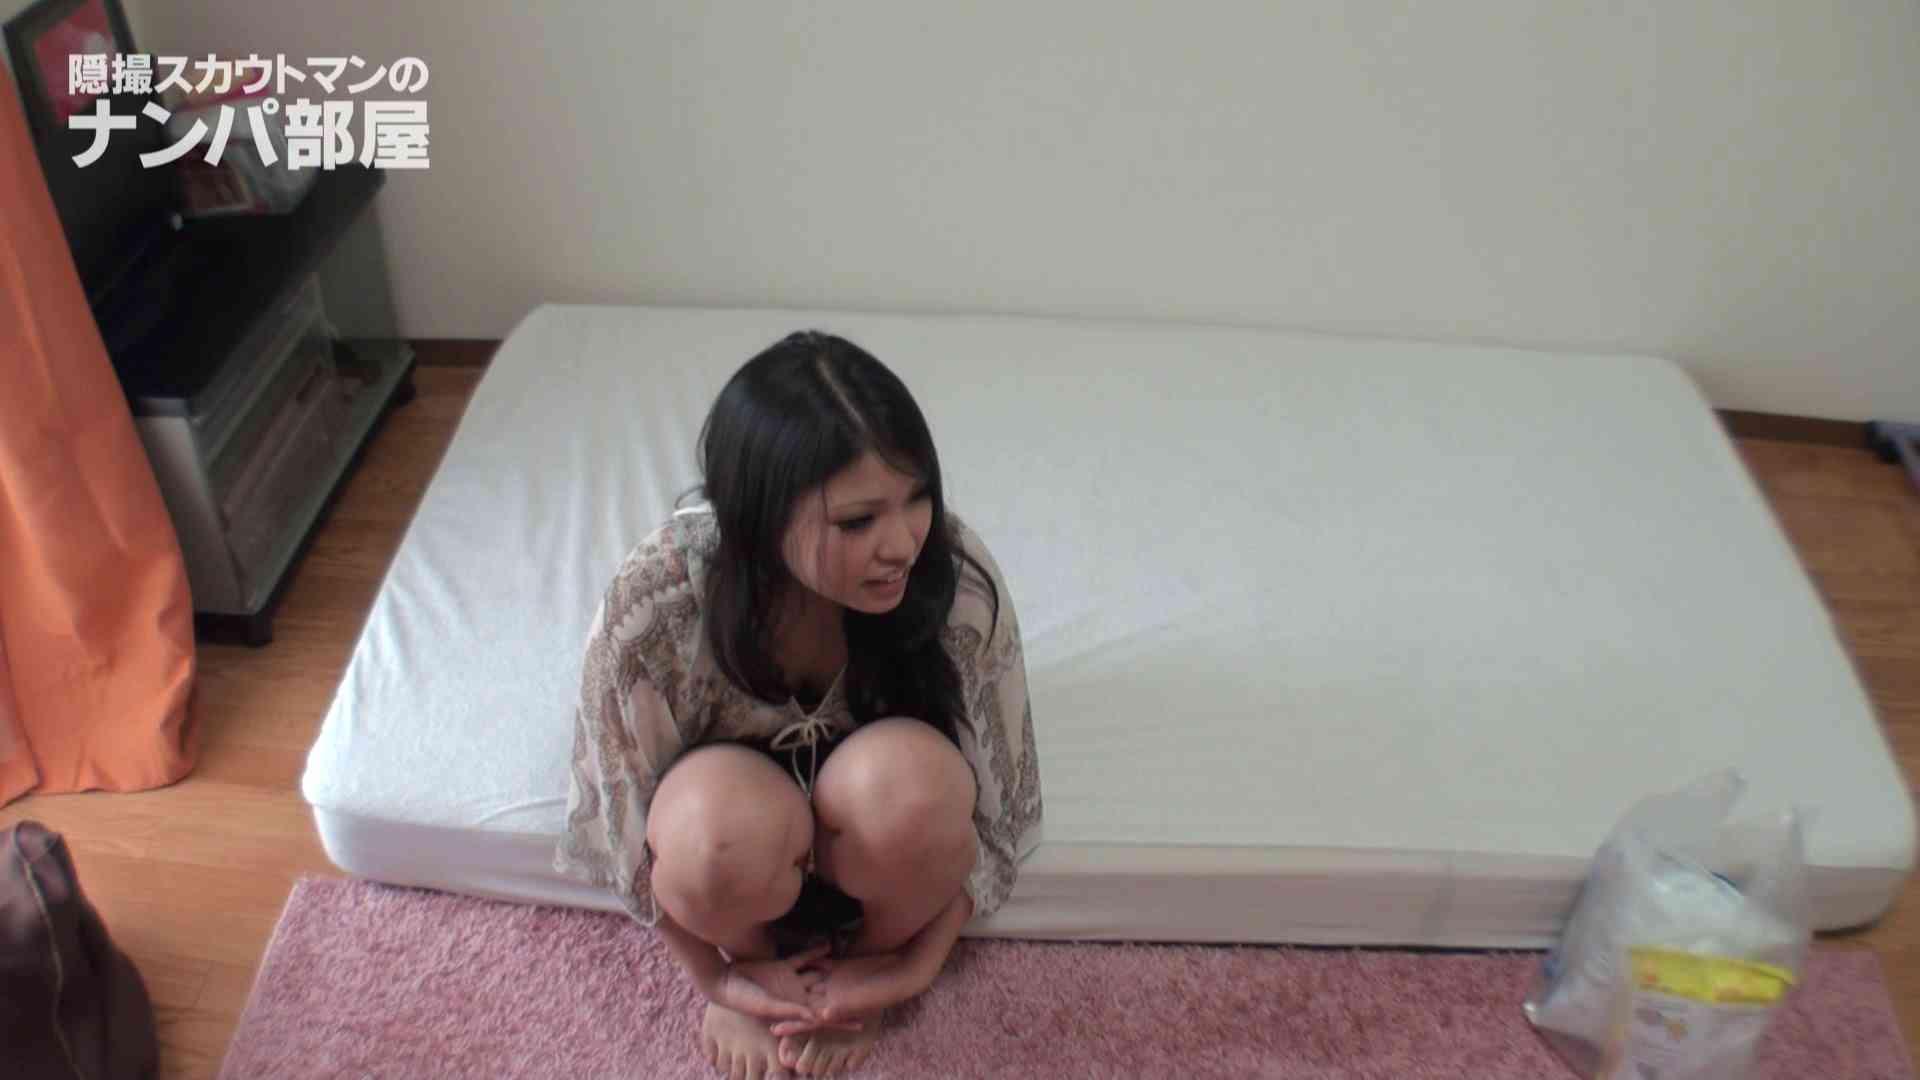 隠撮スカウトマンのナンパ部屋~風俗デビュー前のつまみ食い~hana 隠撮   脱衣所  110pic 7